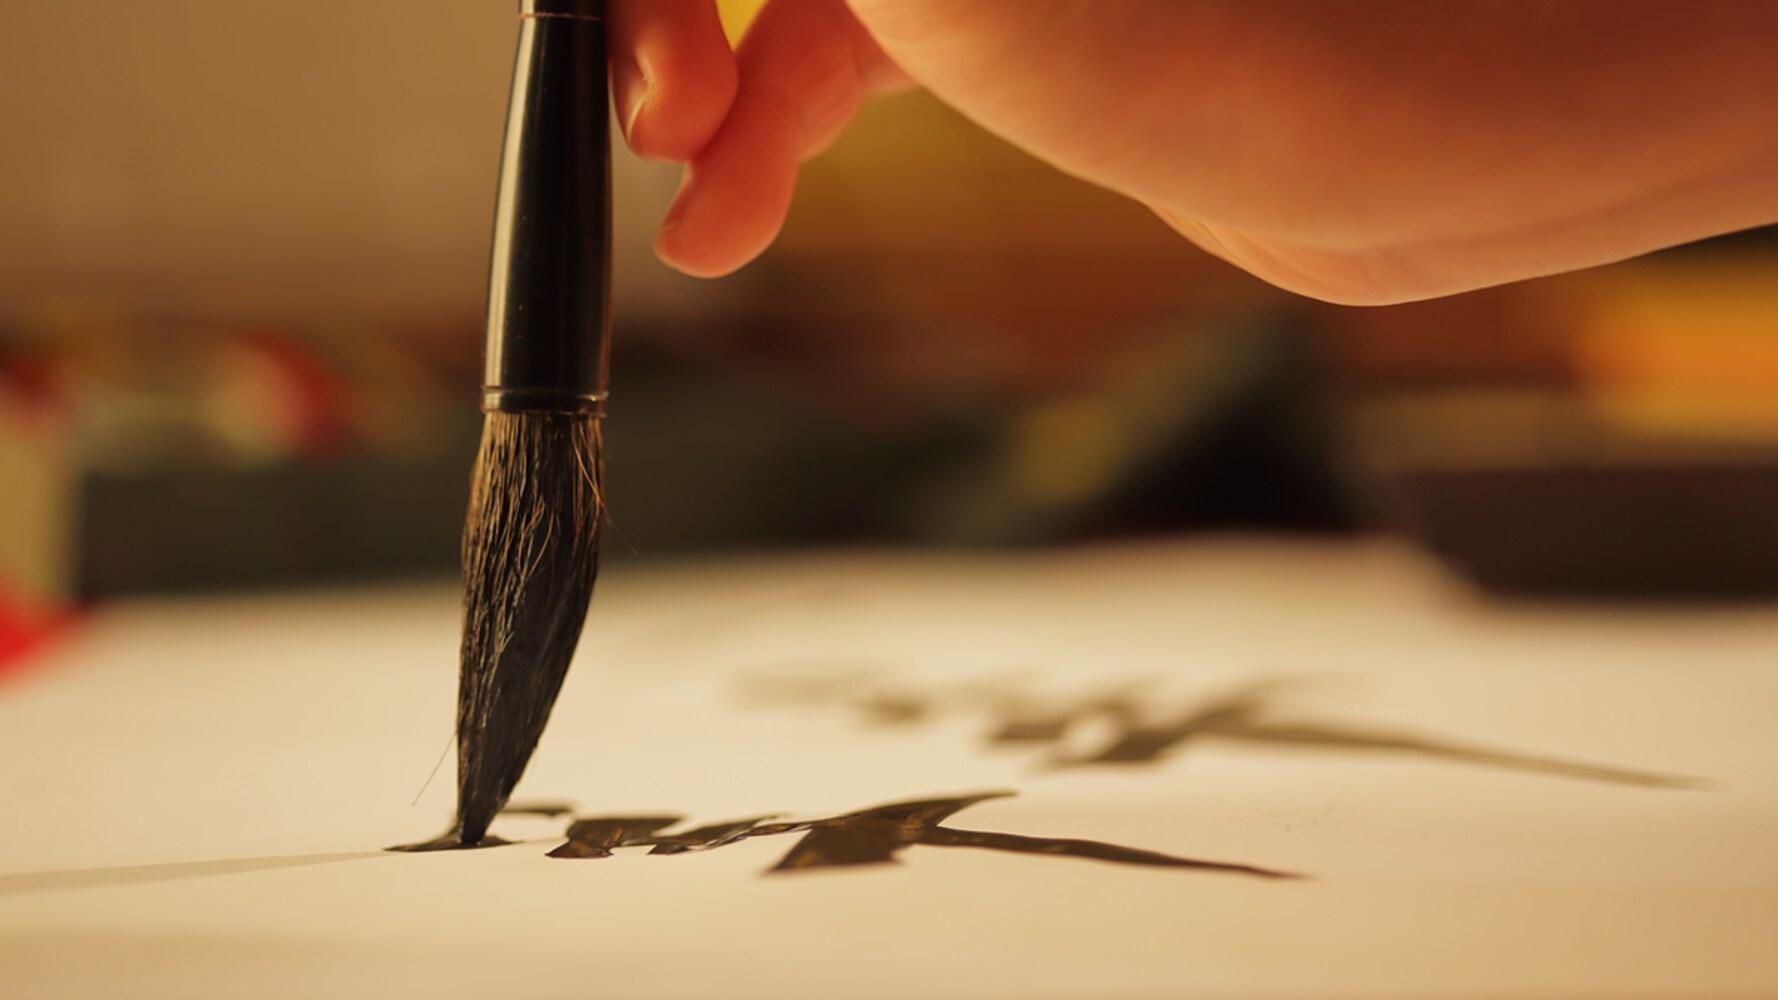 すき方 にじみやかすれが綺麗な「手すき」、墨本来の色が出る「機械すき」